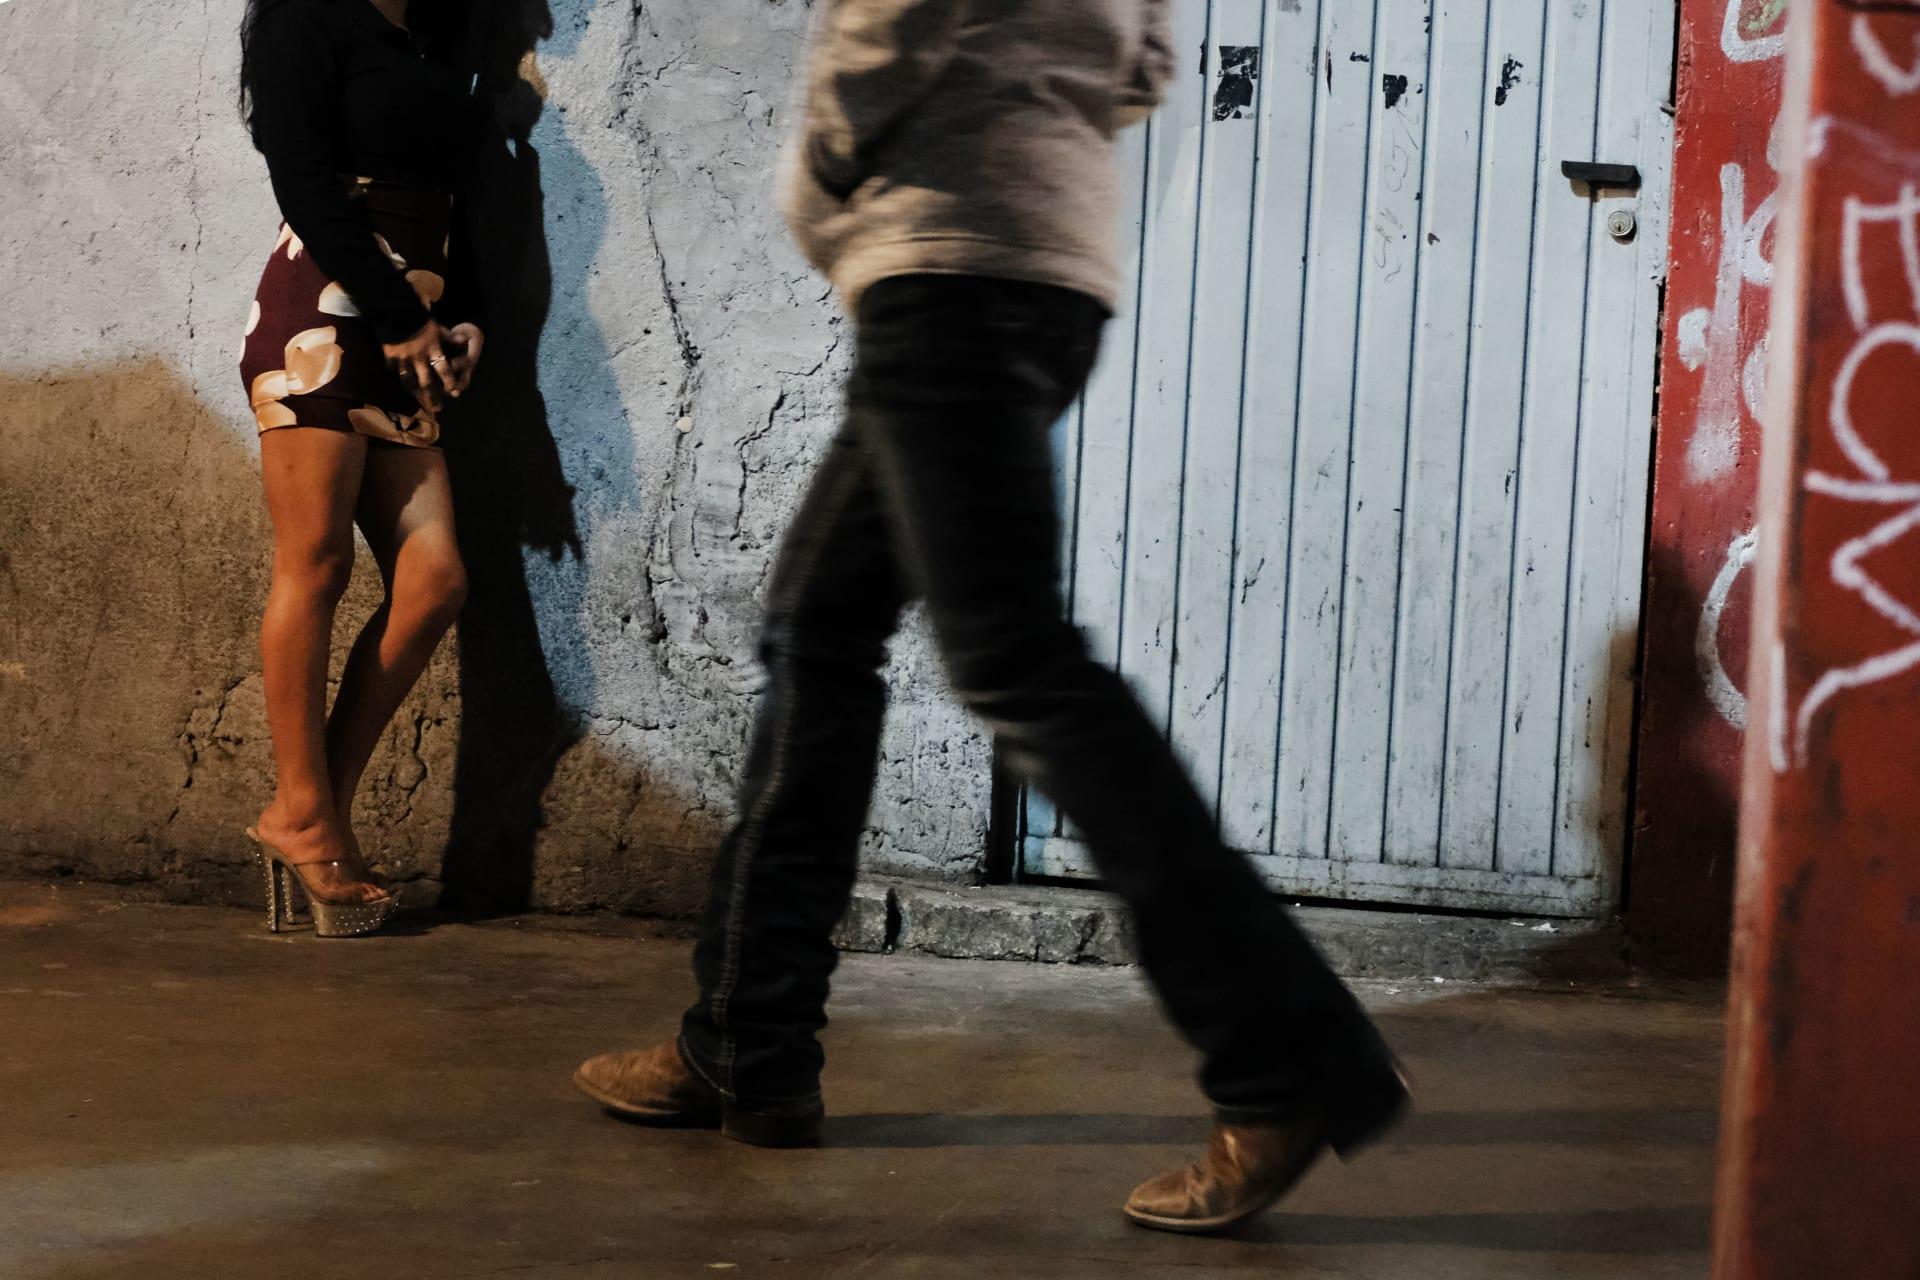 منطقة زونا نورت في مدينة تيجوانا المكسيكية المعروفة بالعمل في مجال الجنس